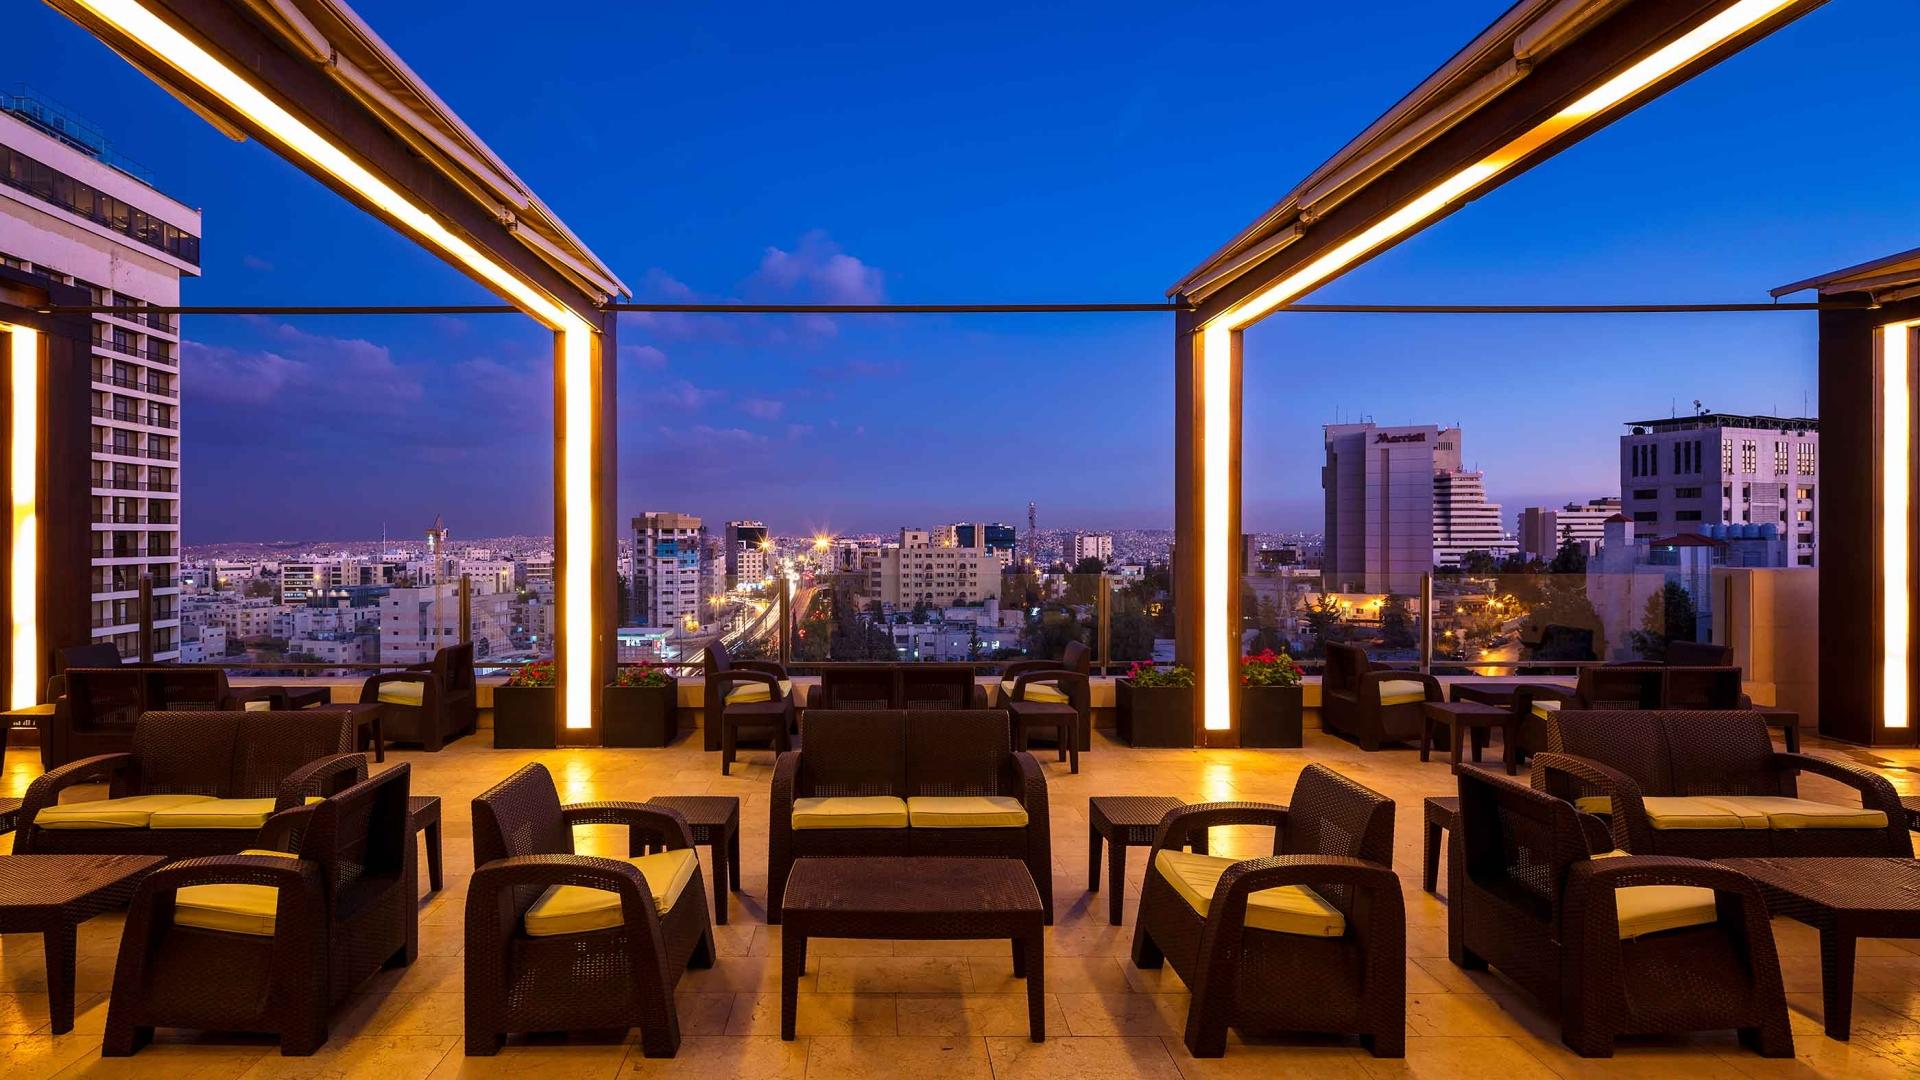 الجلسات الخارجية في فندق كورب عمان